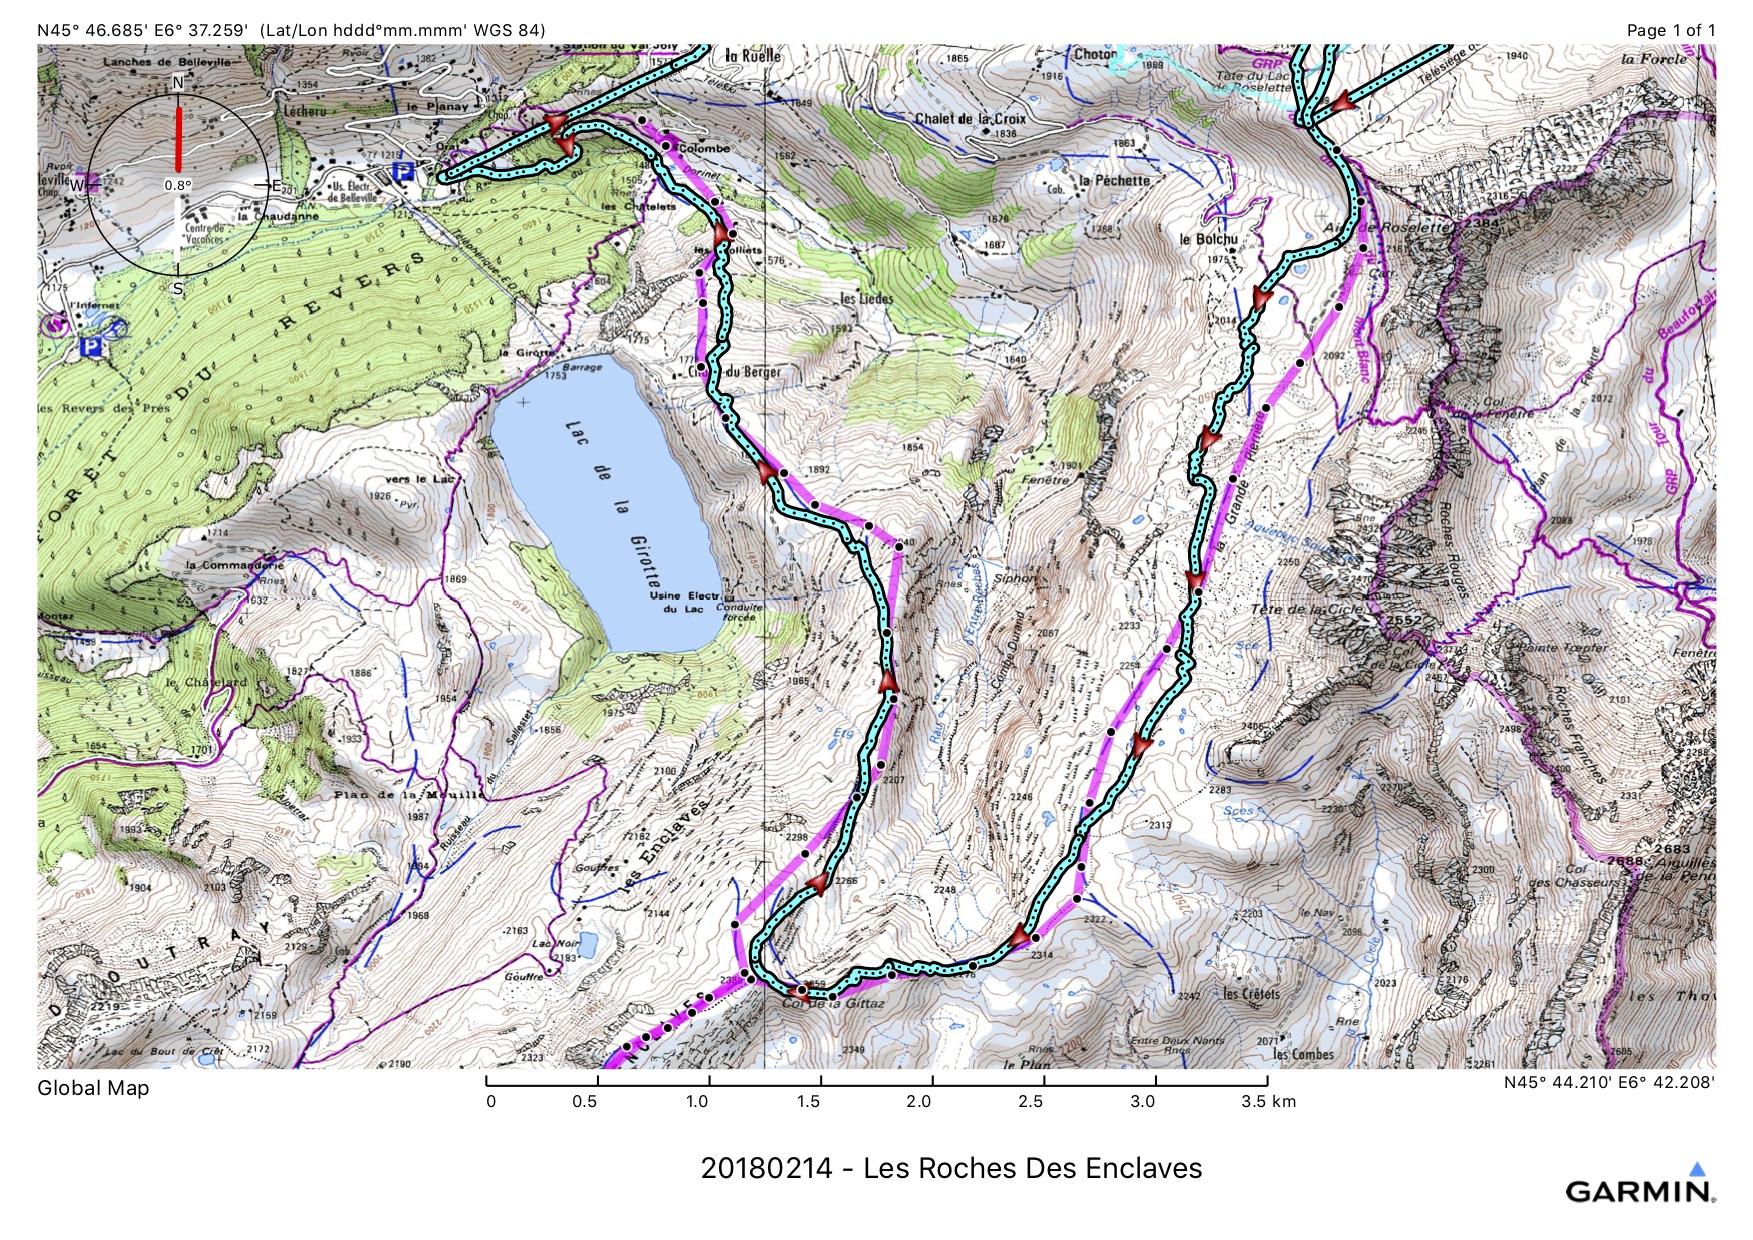 20180214 - Les Roches Des Enclaves zoom